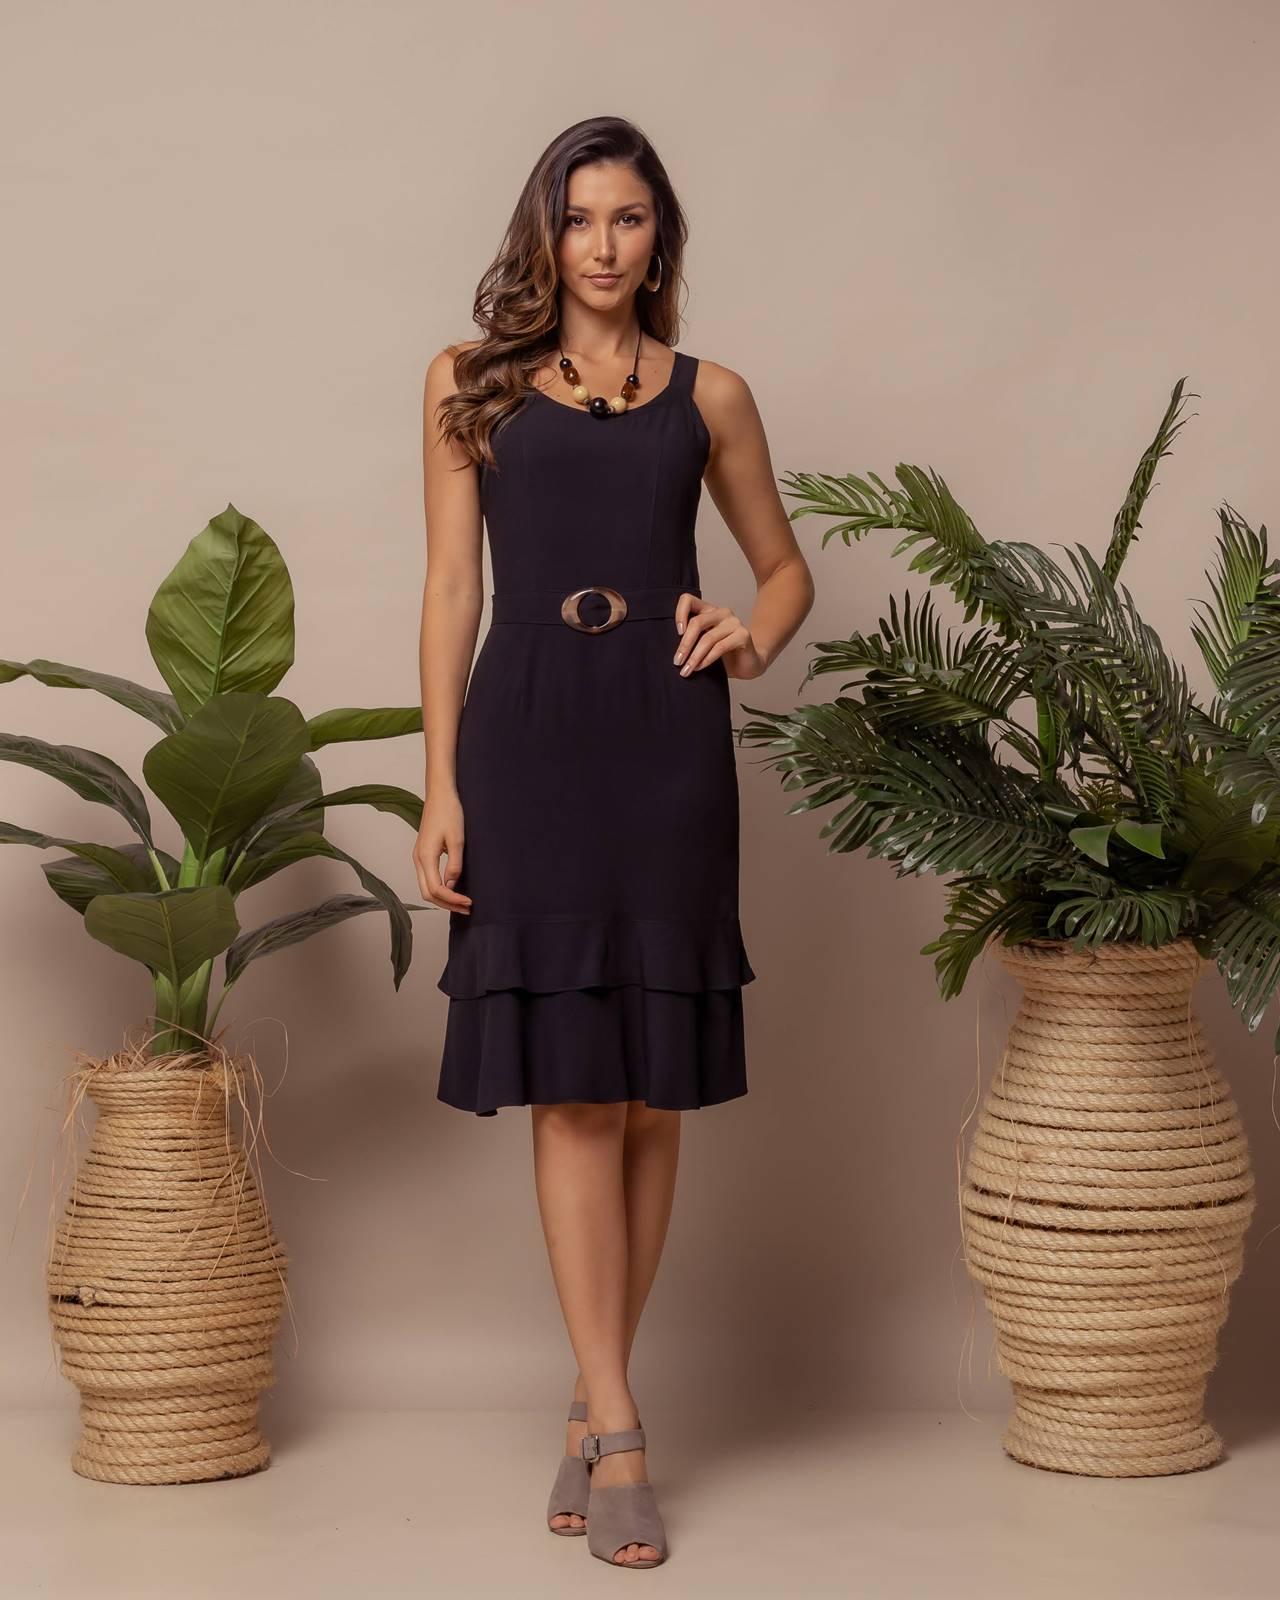 Vestido social  Ref. B3620